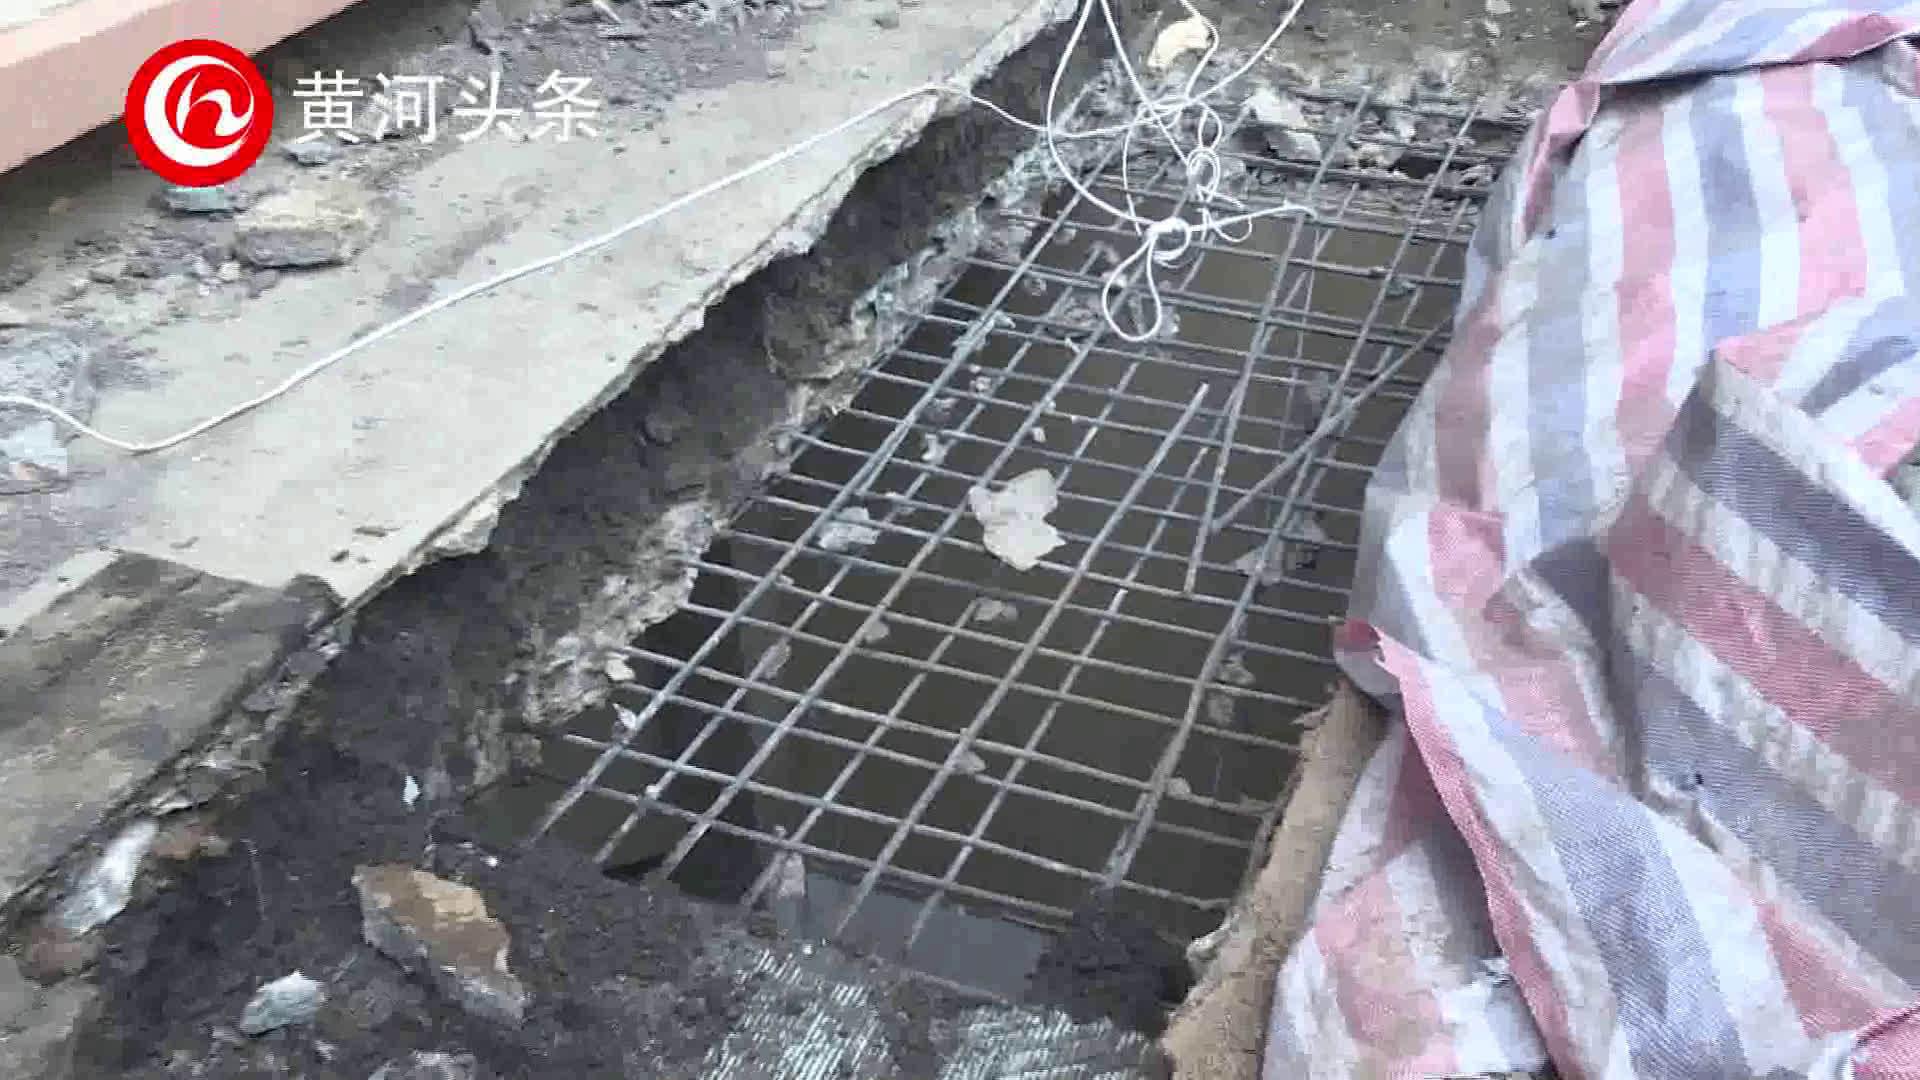 太原鸿富小区 三楼的楼顶谁凿了六个大洞?